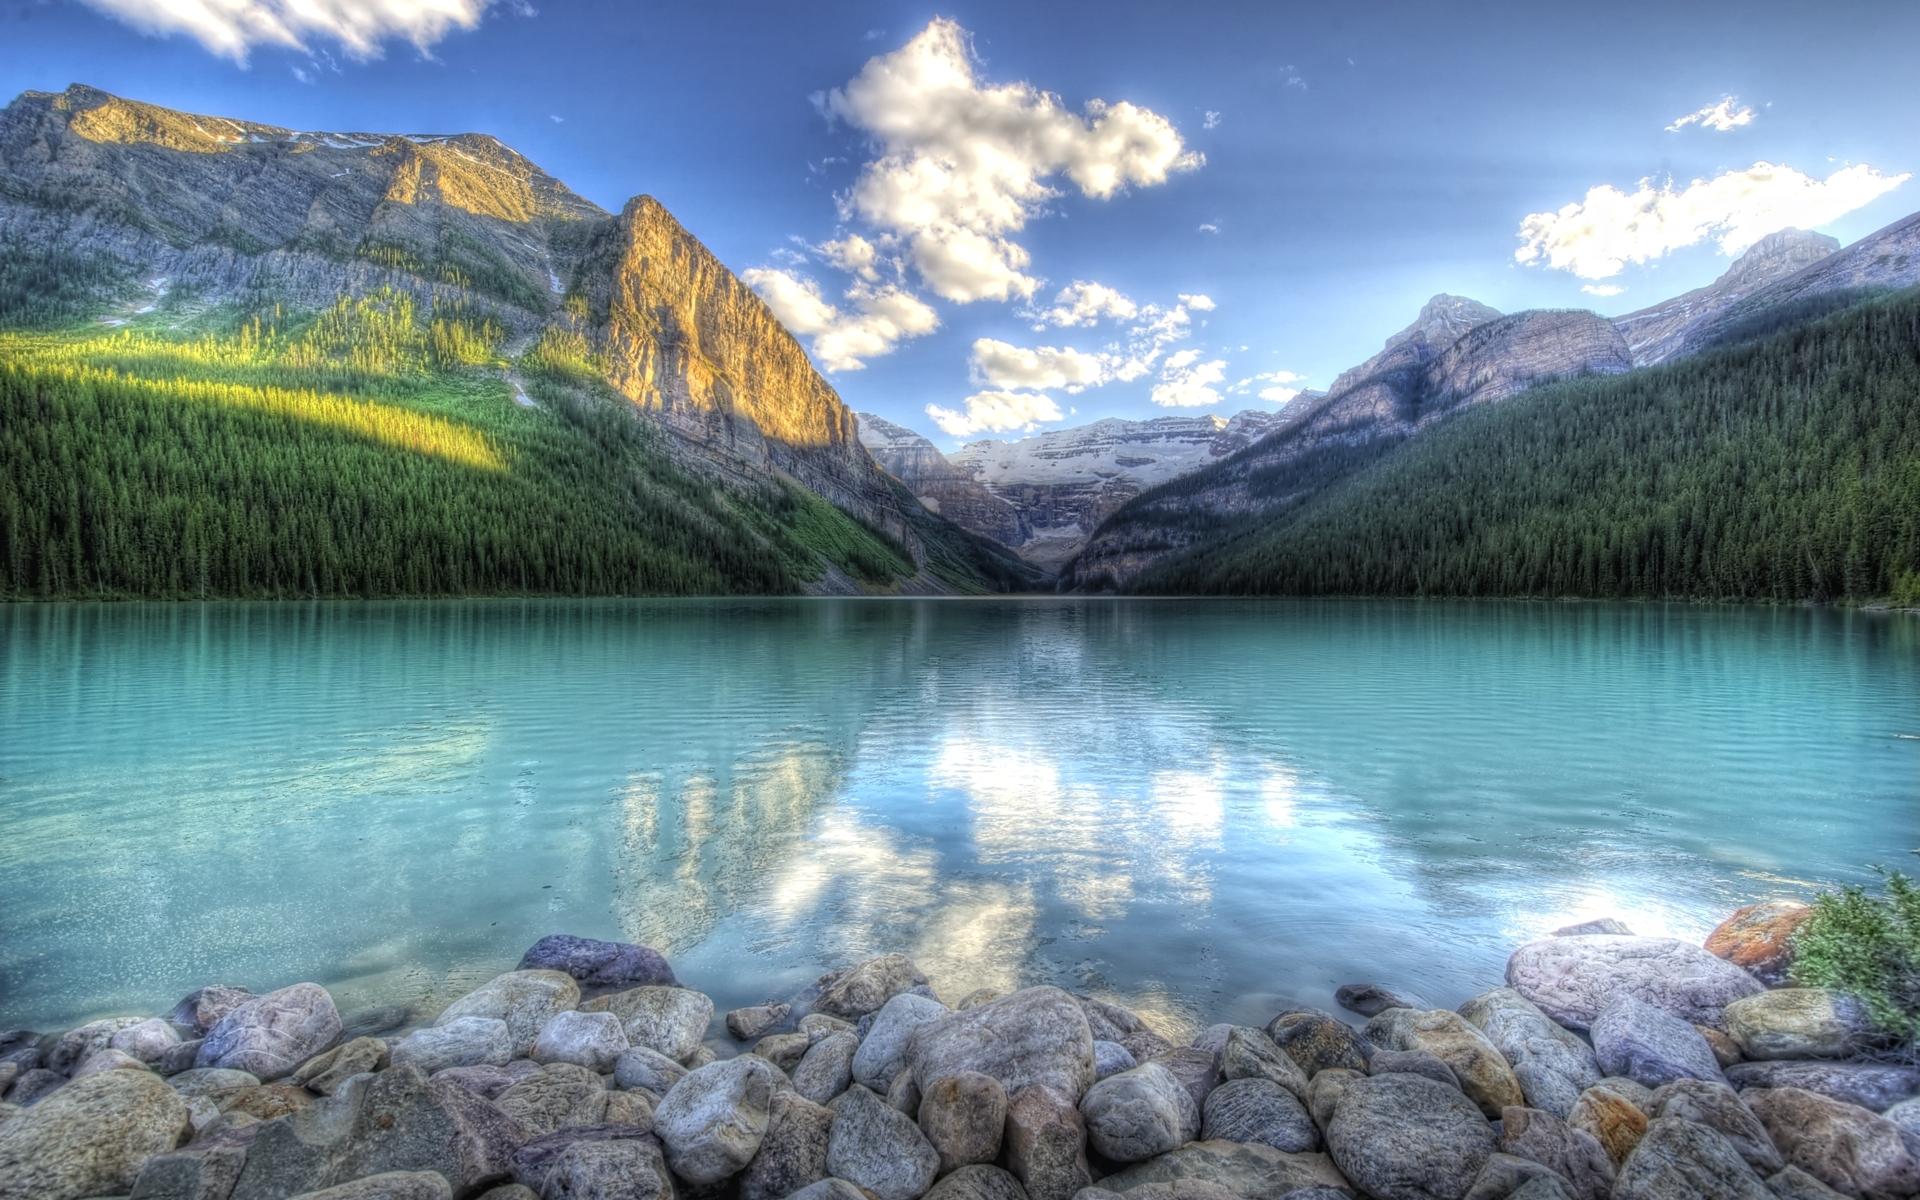 49871 Заставки и Обои Озера на телефон. Скачать Озера, Пейзаж, Природа, Горы картинки бесплатно